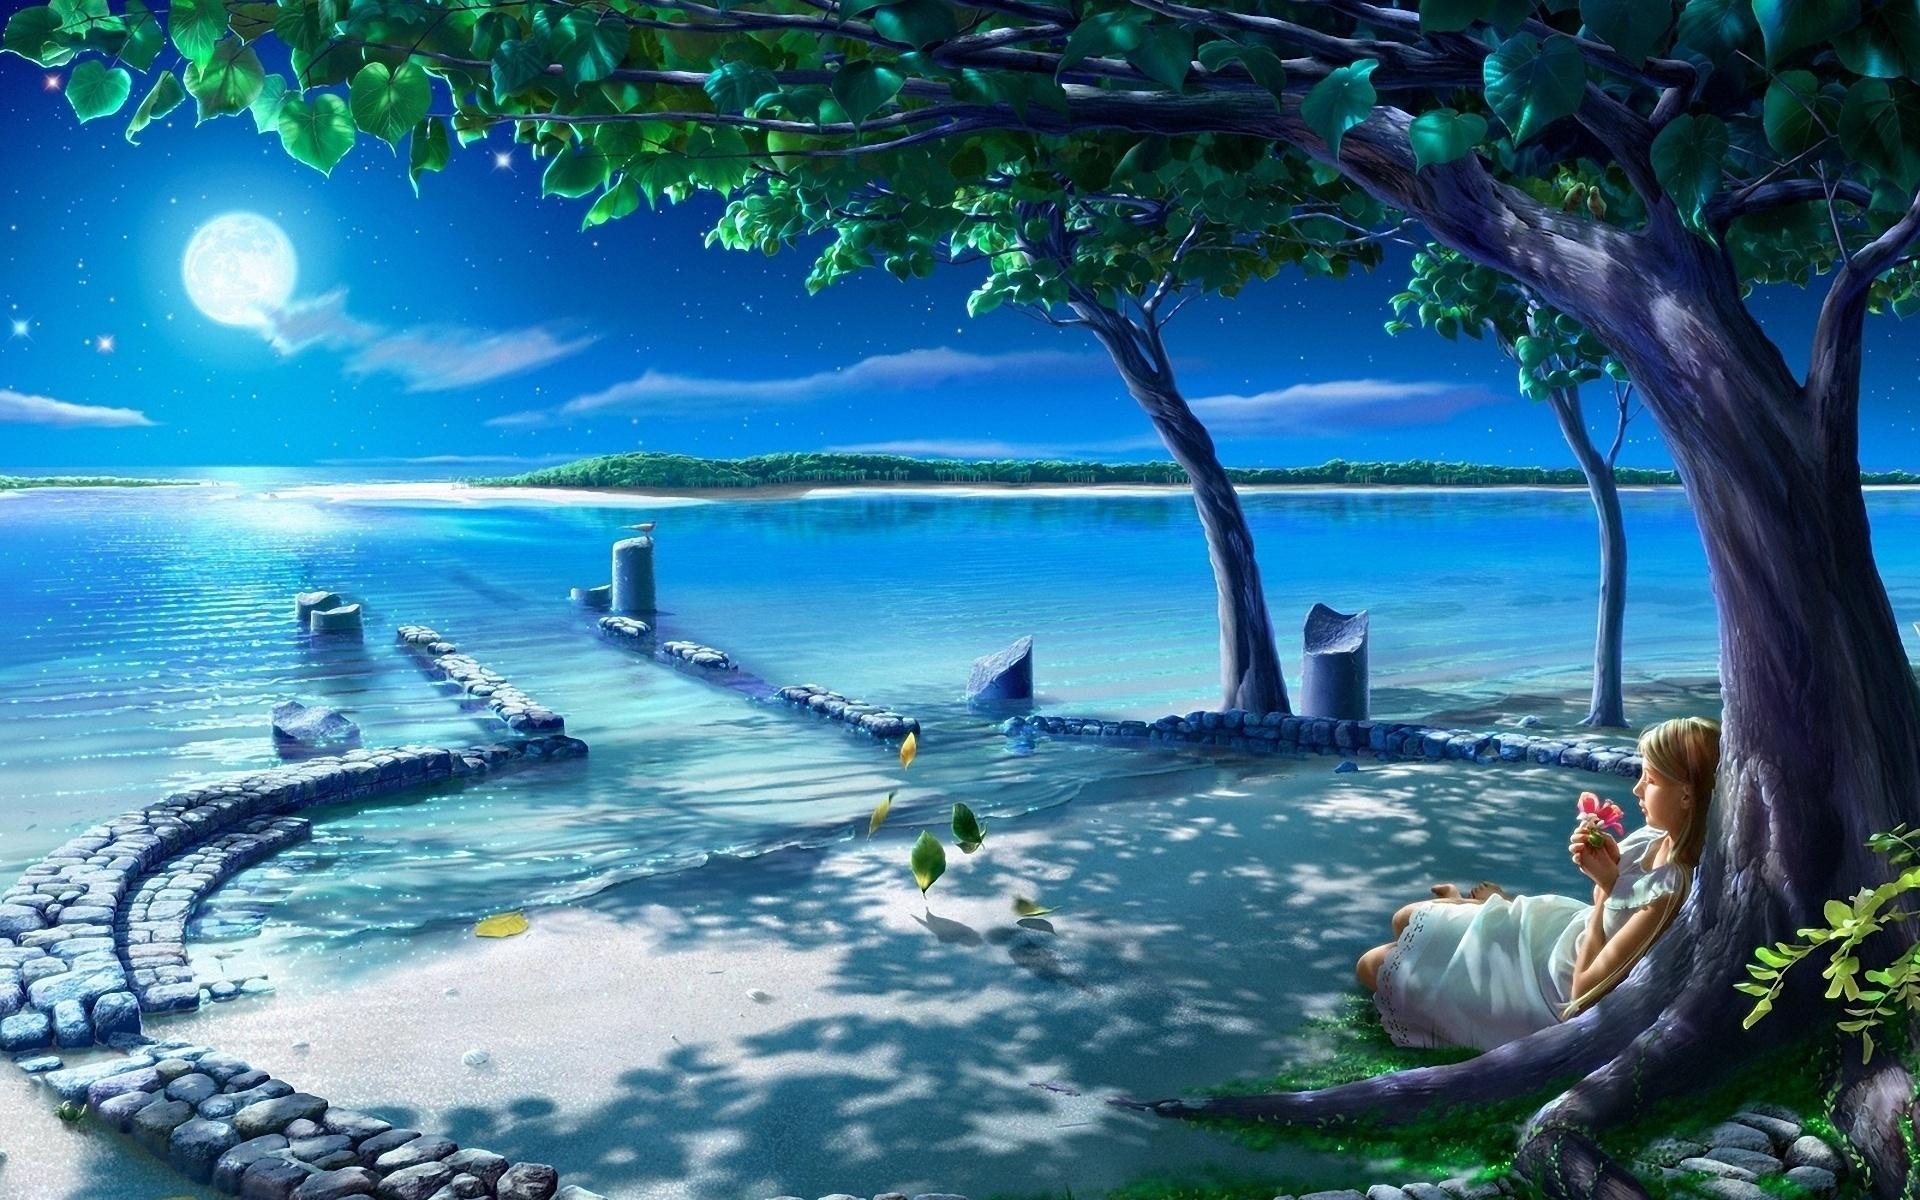 Открытка мечты о море, марта картинки поздравлениями